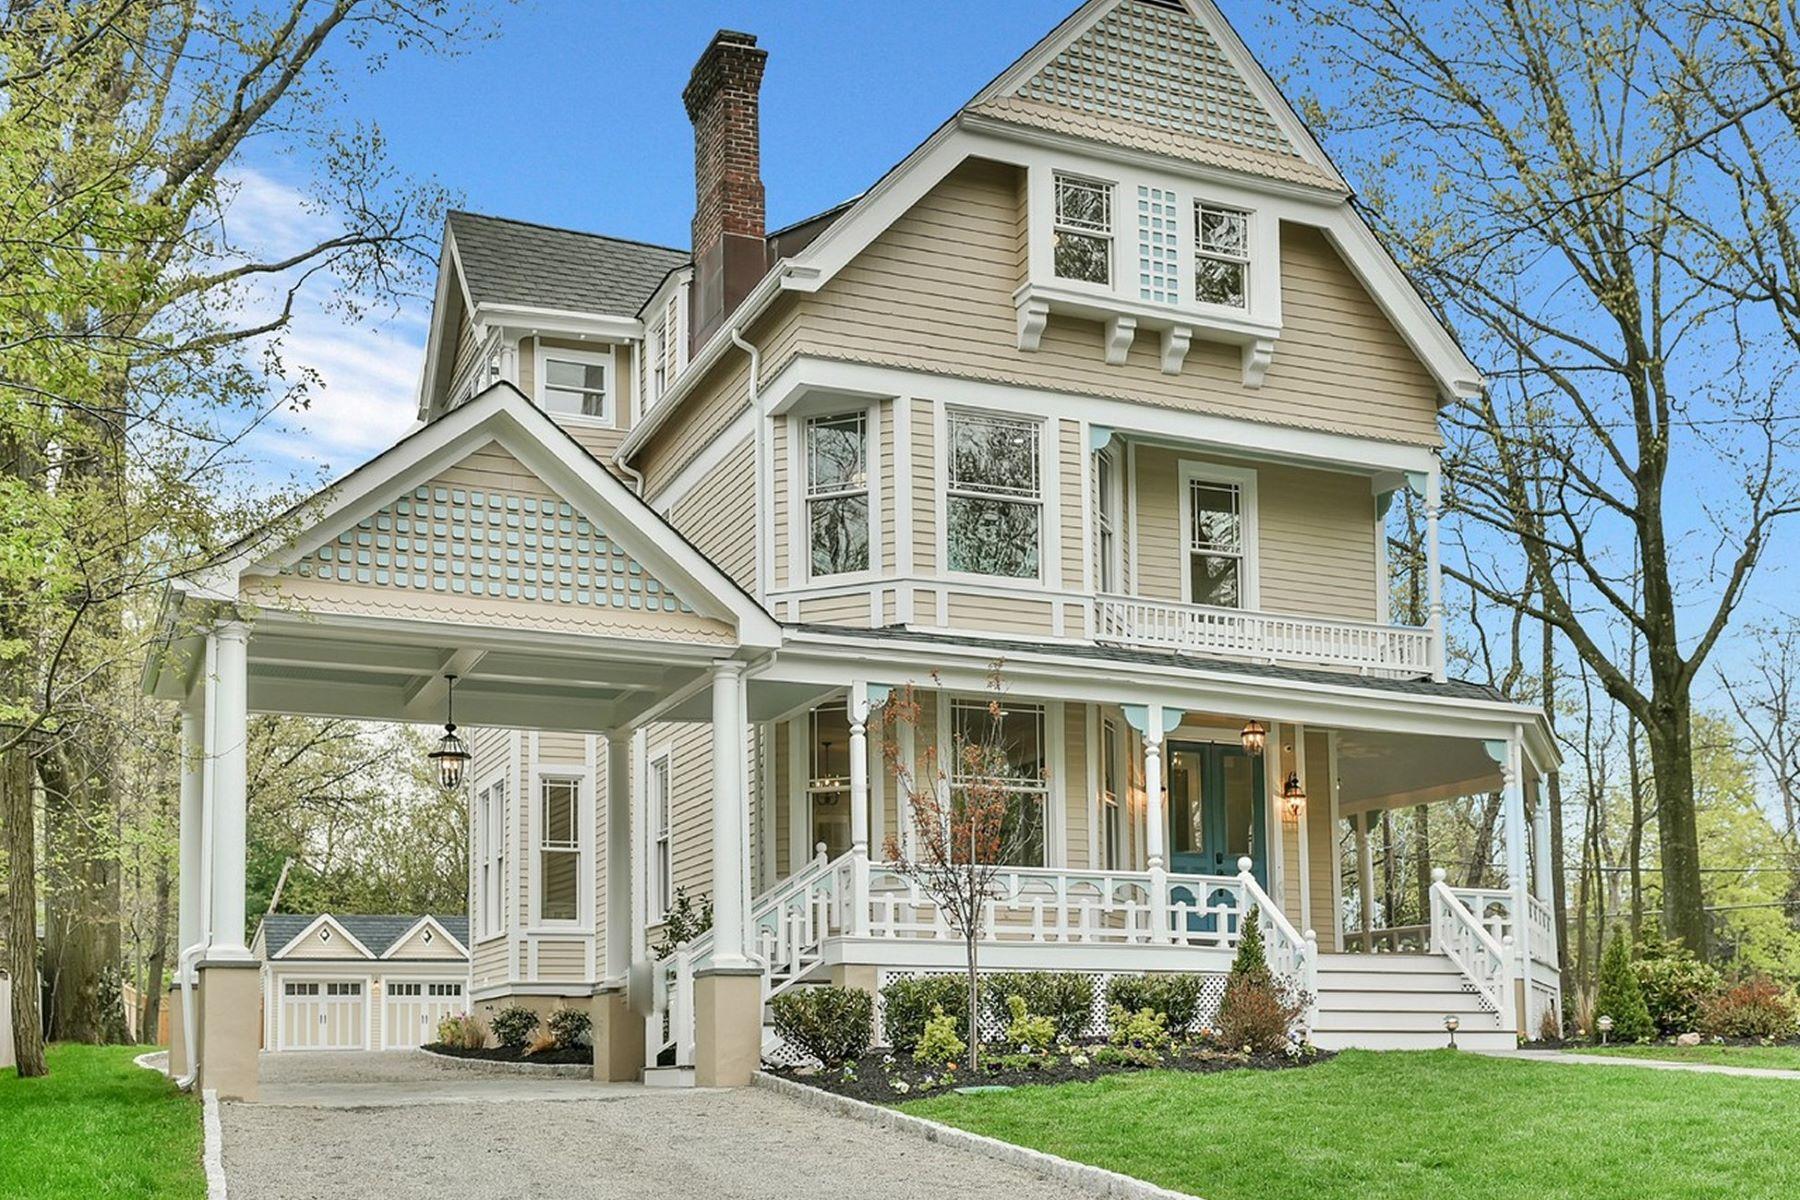 Частный односемейный дом для того Продажа на Reborn 19th Century Queen Anne Victorian 160 Bellevue Avenue Montclair, 07043 Соединенные Штаты